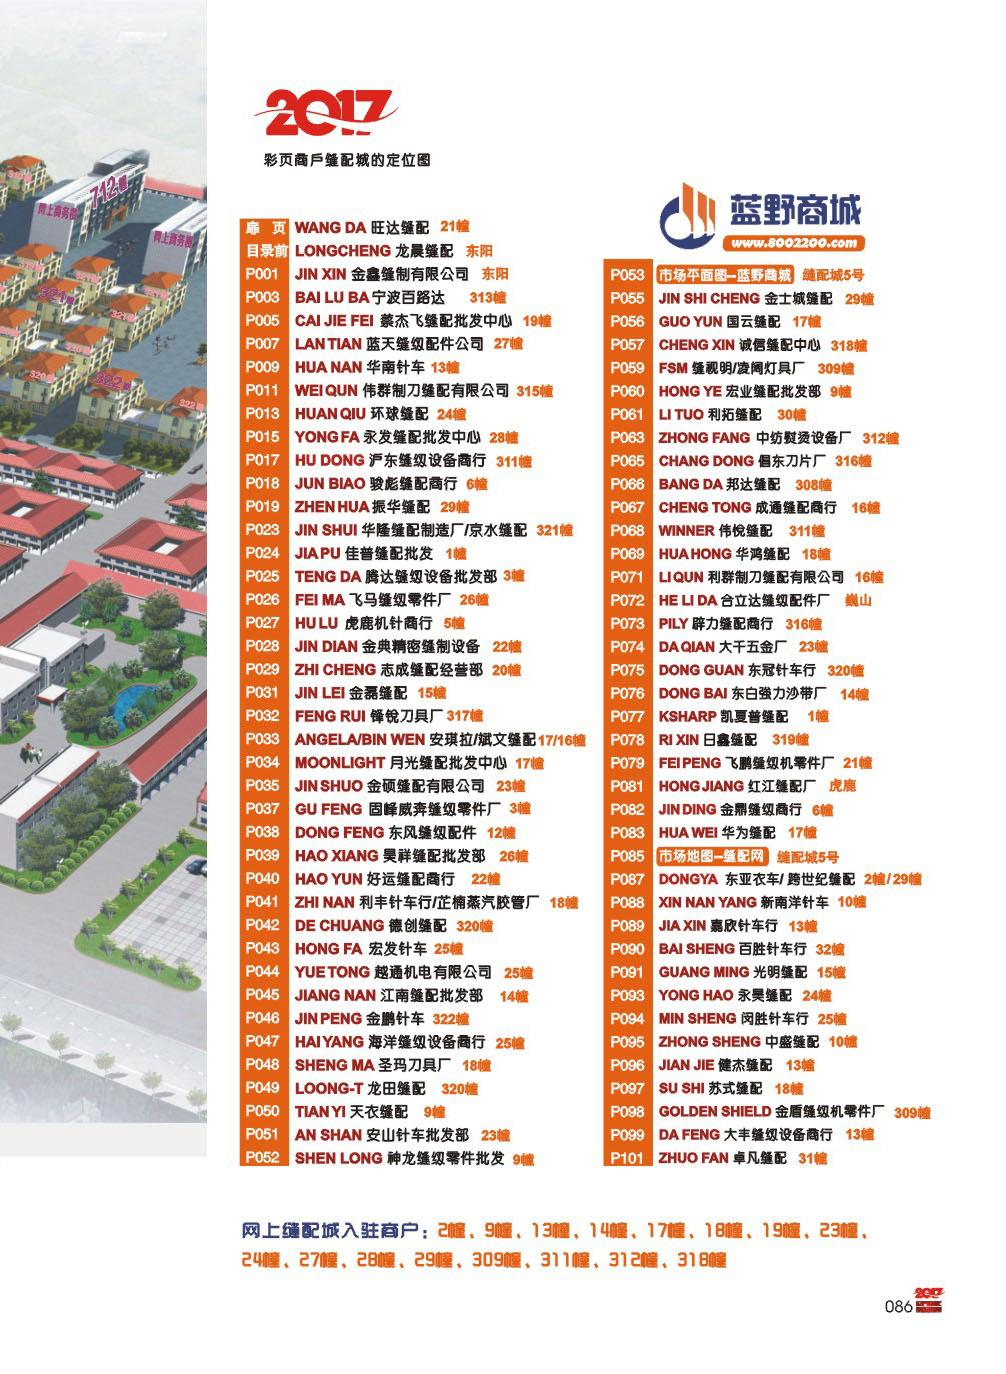 85-86-市场地图-2